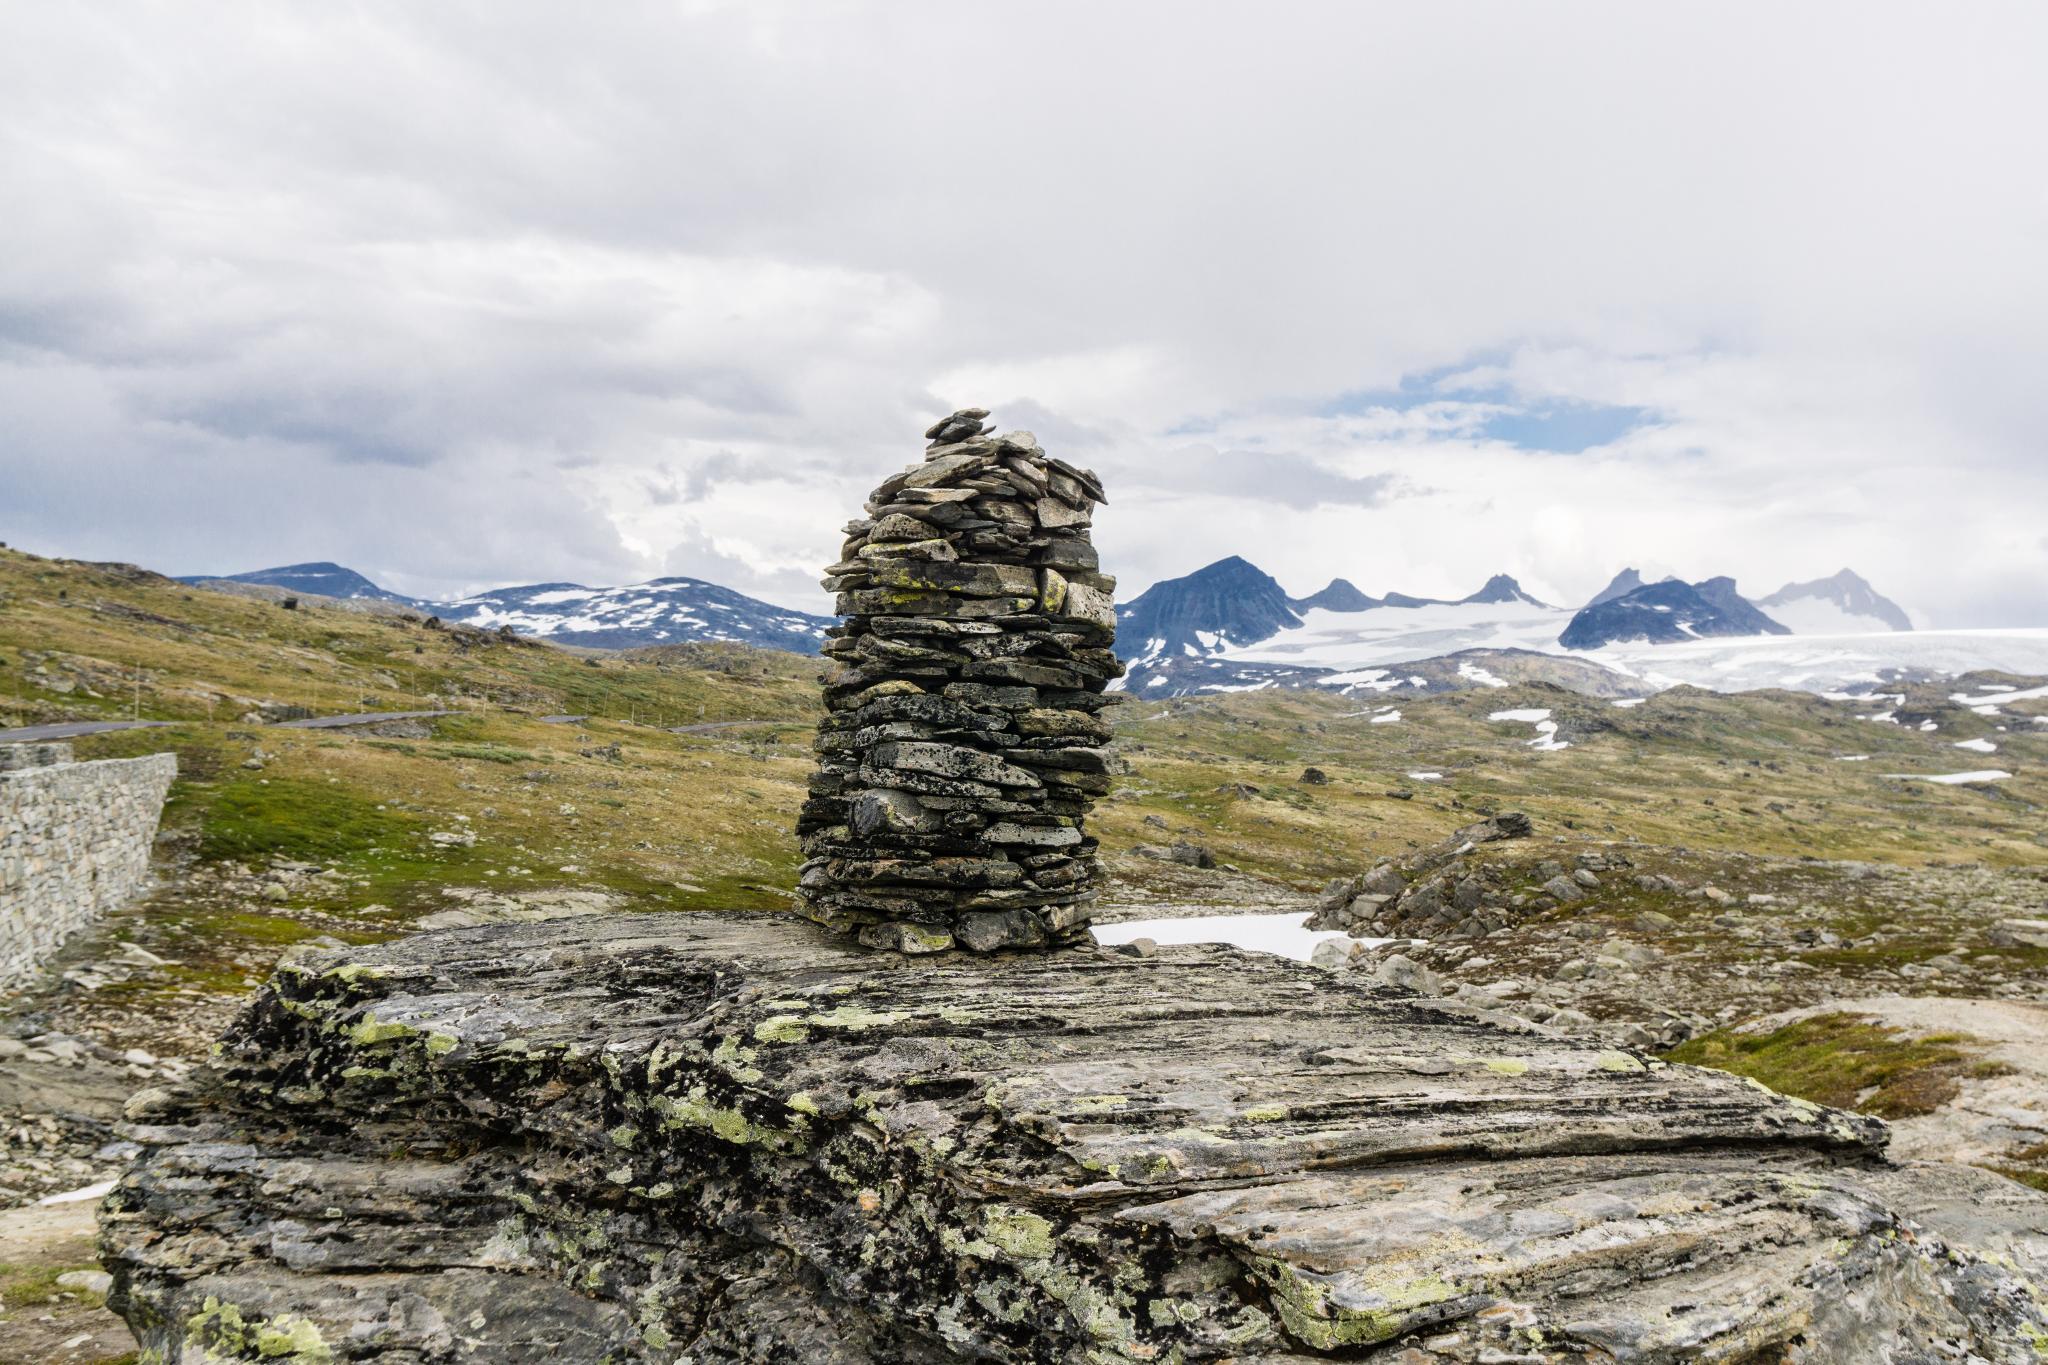 【北歐景點】穿越挪威的屋脊 - 前進北歐最美的冰原景觀公路 Fv55松恩山路 (Sognefjellet) 32